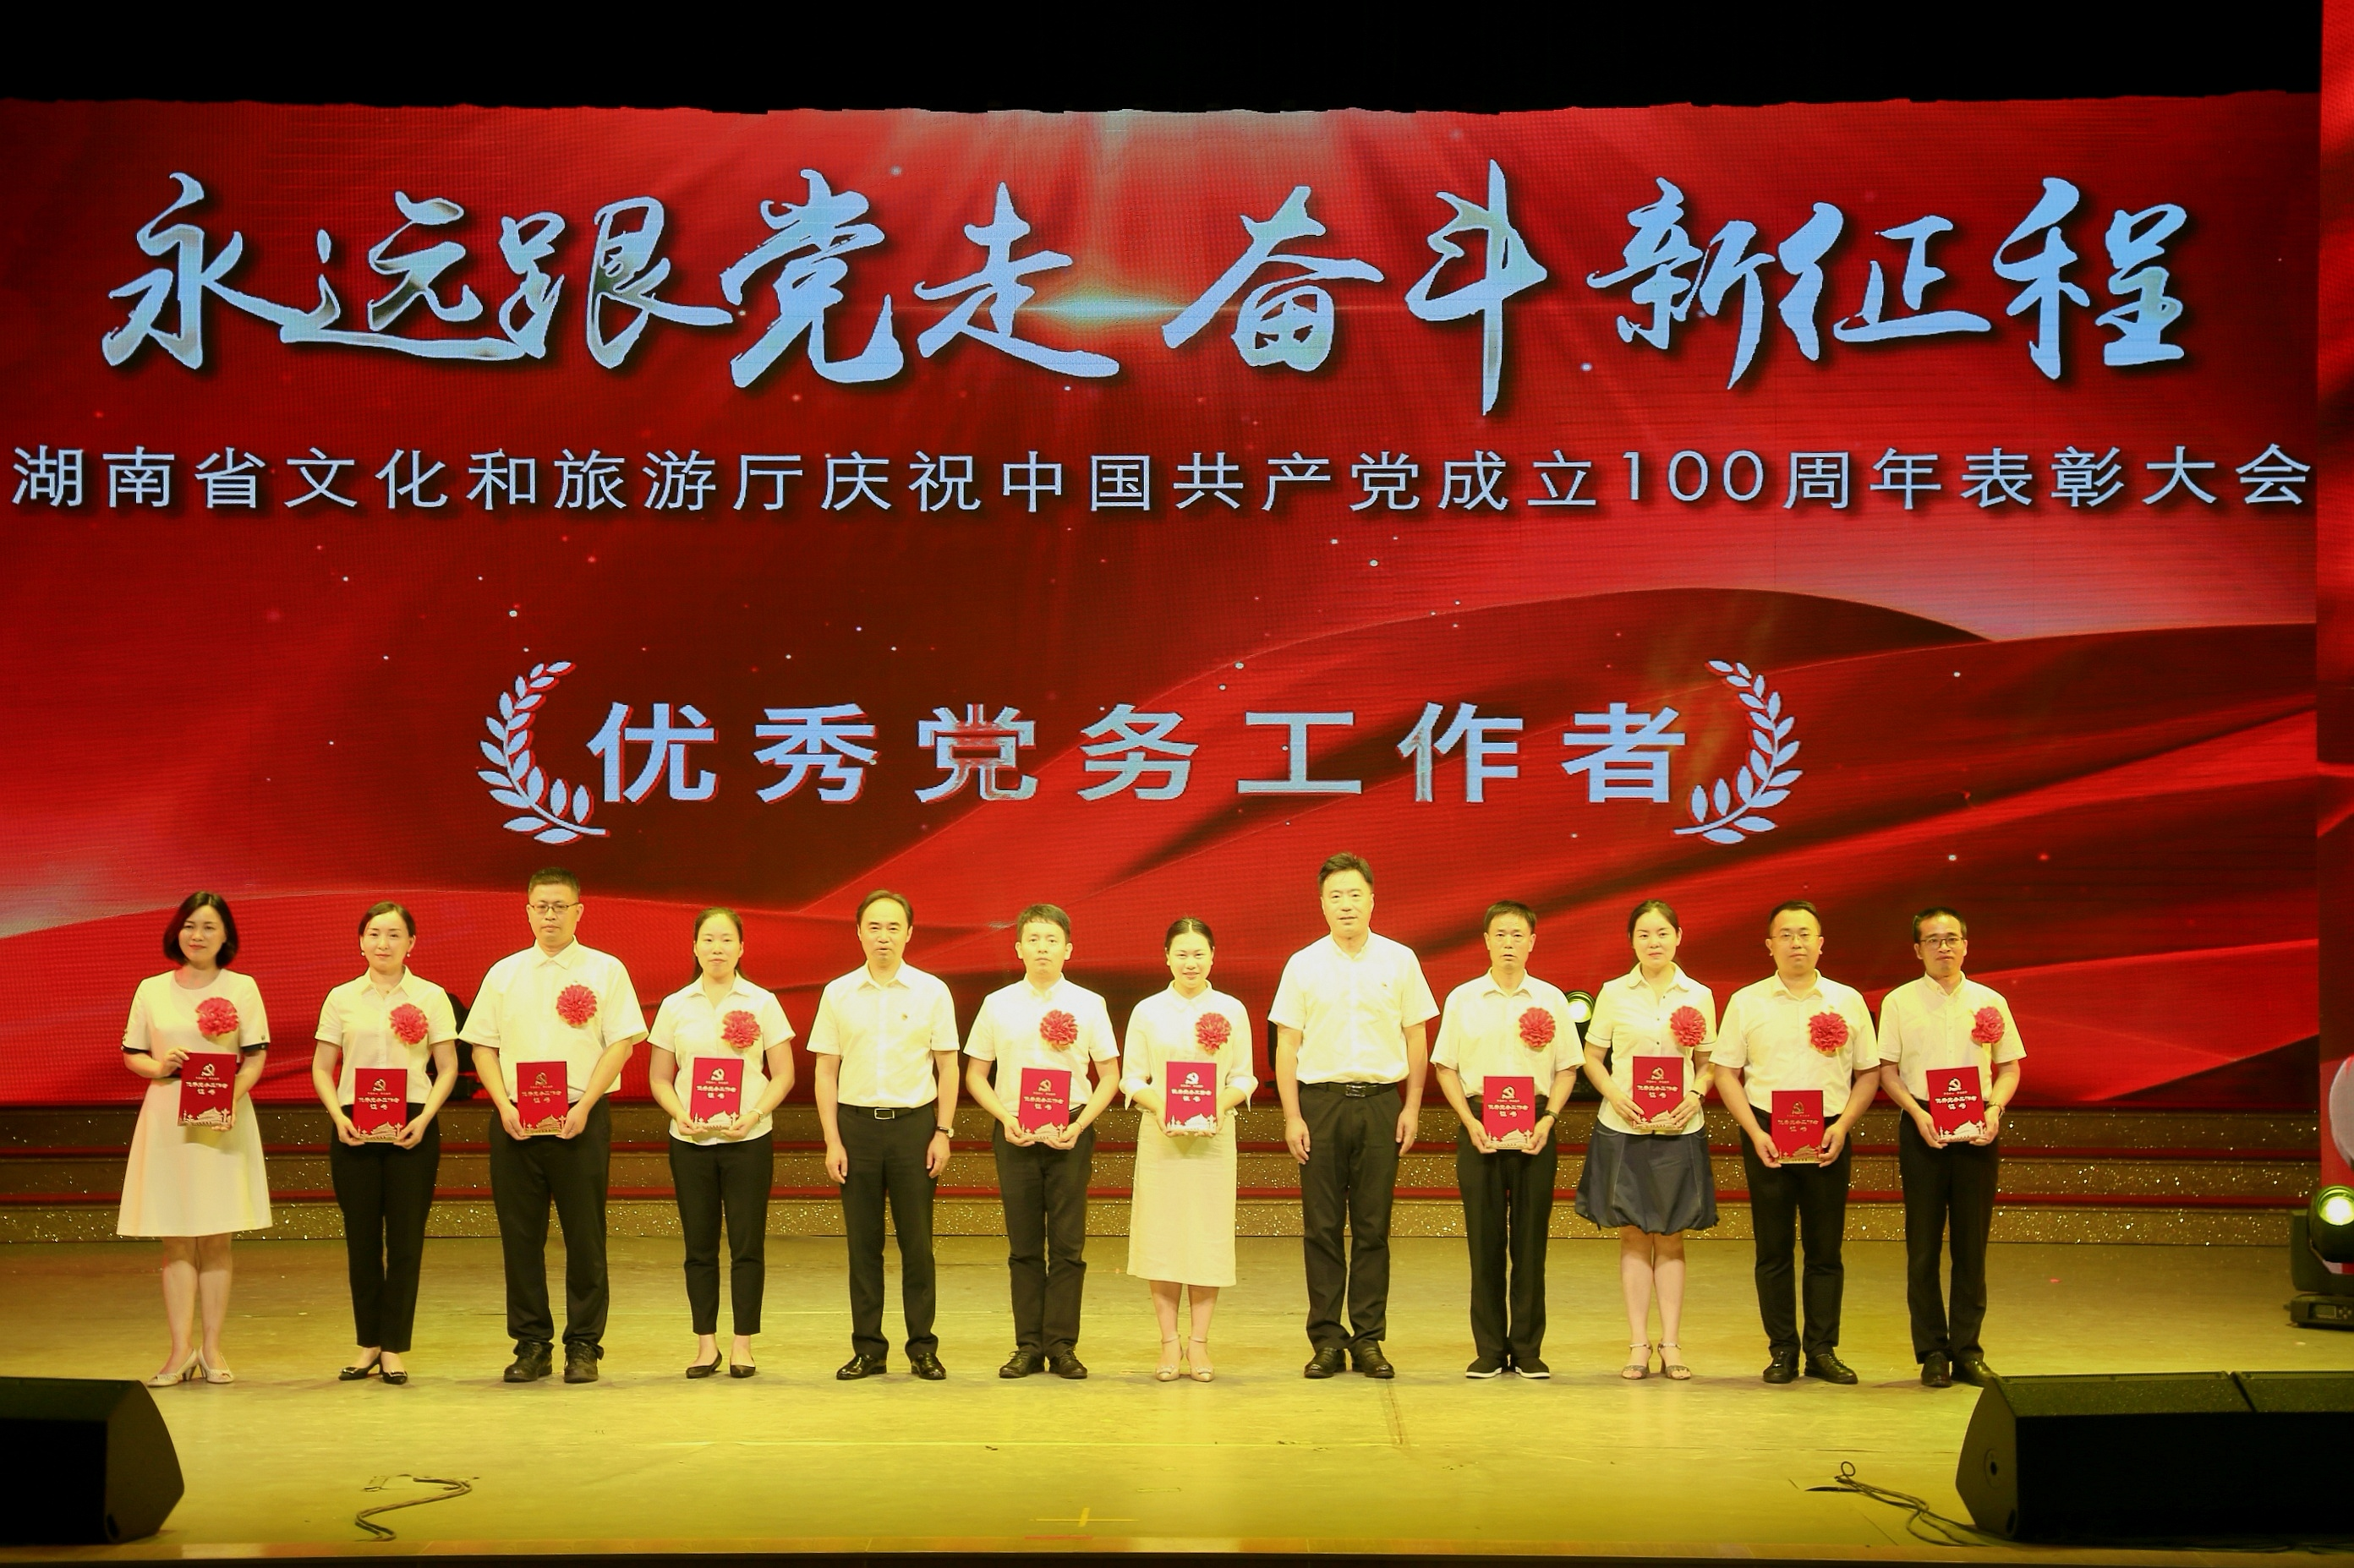 湖南省文化和旅游厅举行庆祝中国共产党成立100周年表彰大会